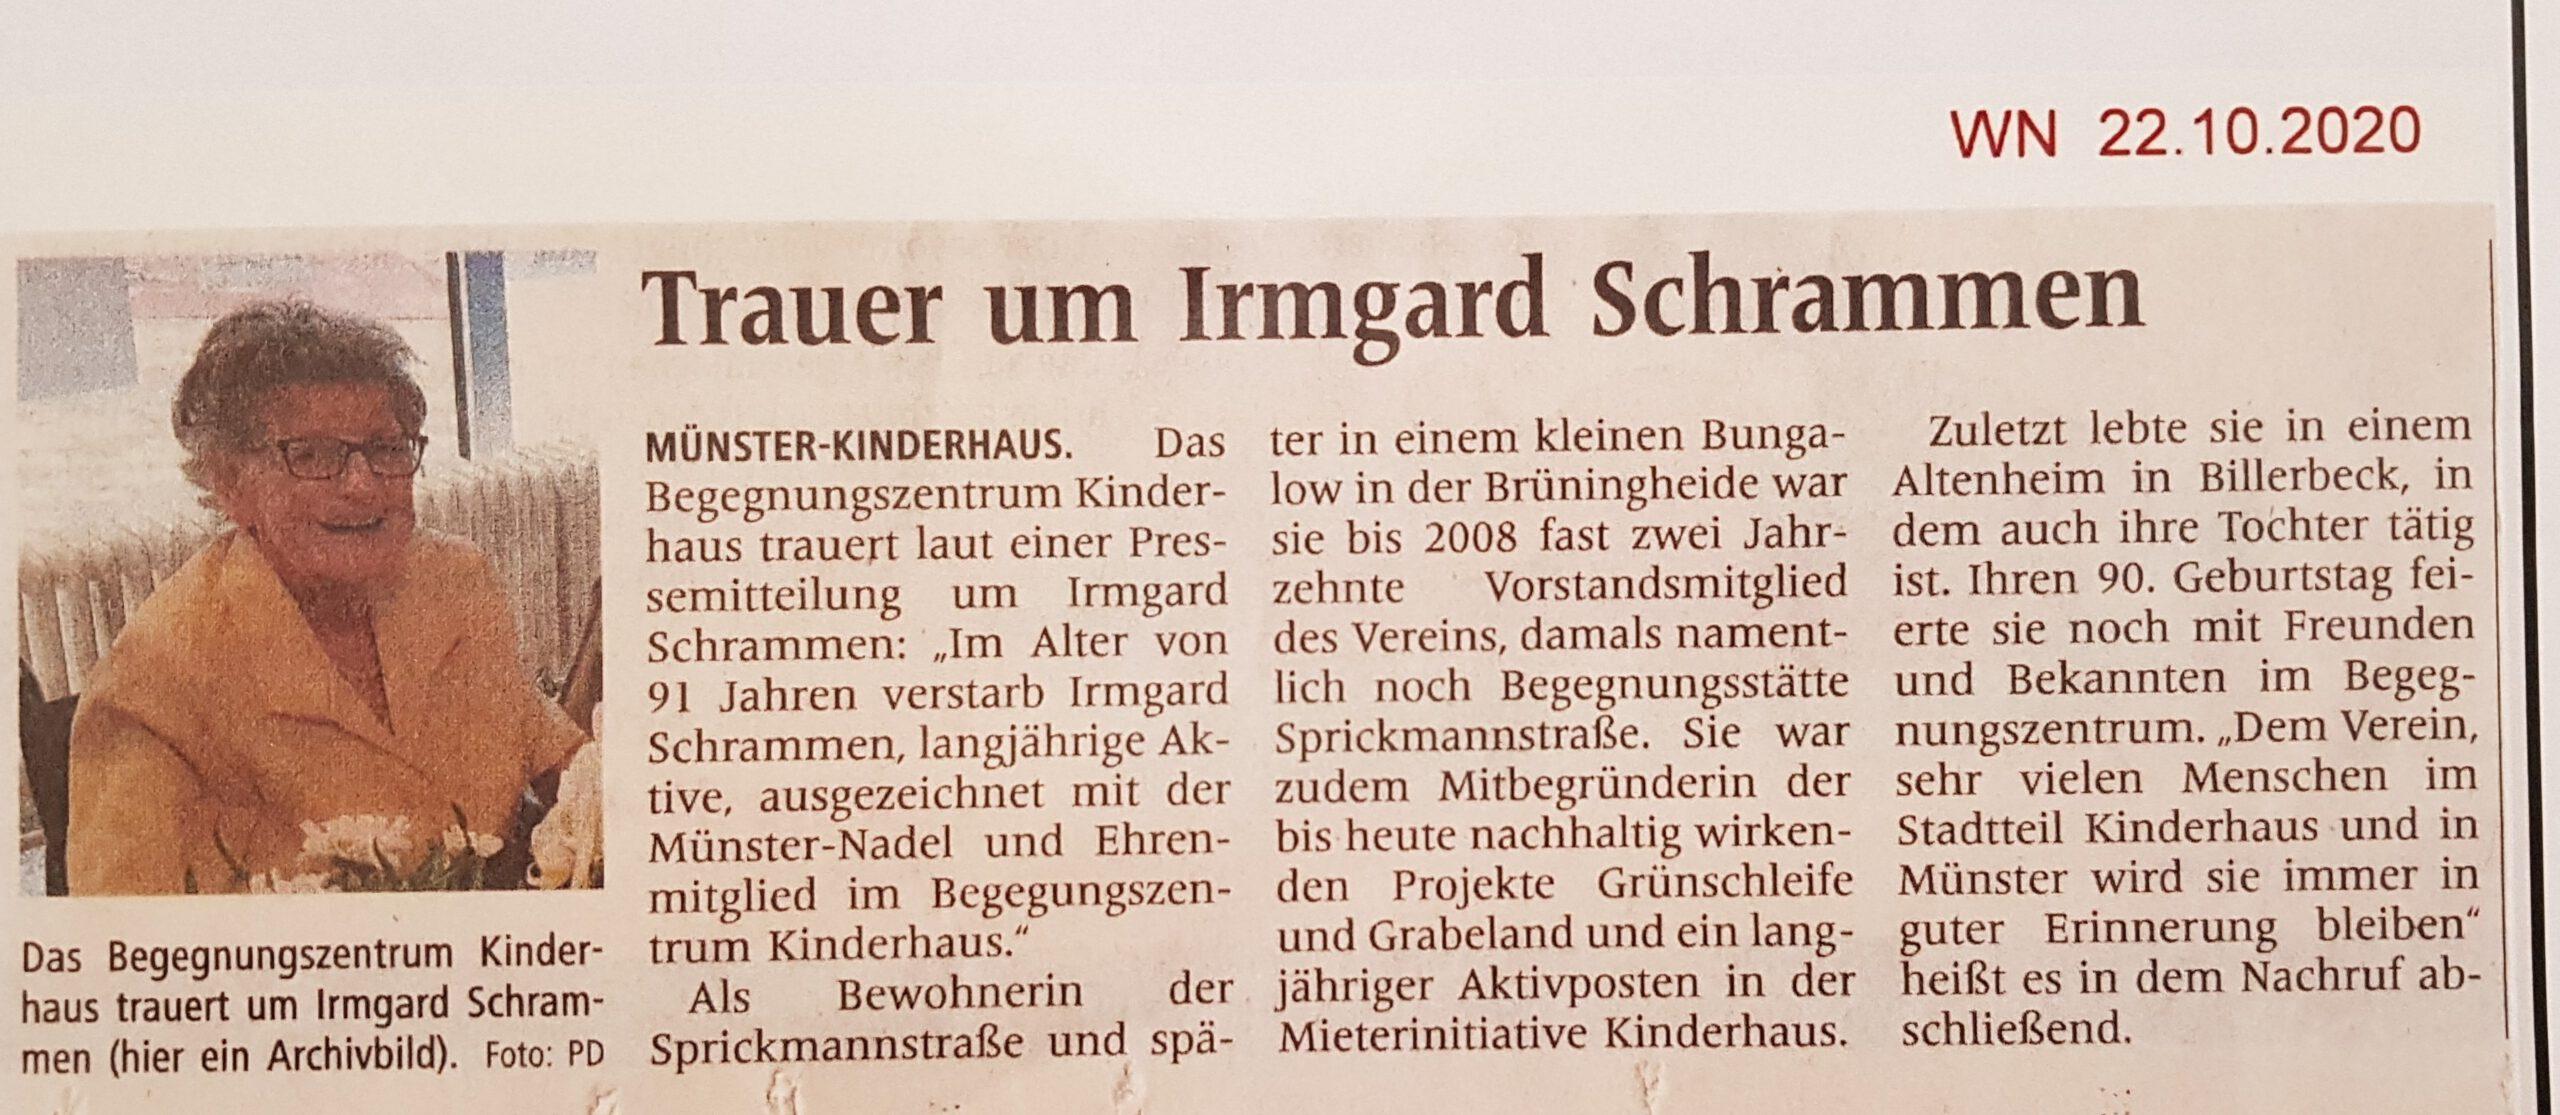 Nachruf der Westfälischen Nachrichten vom 22. Oktober 2020 auf Irmgard Schrammen, Ehrenmitglied und fast zwanzig Jahre lang im Vorstand des Begegnungszentrums Kinderhaus